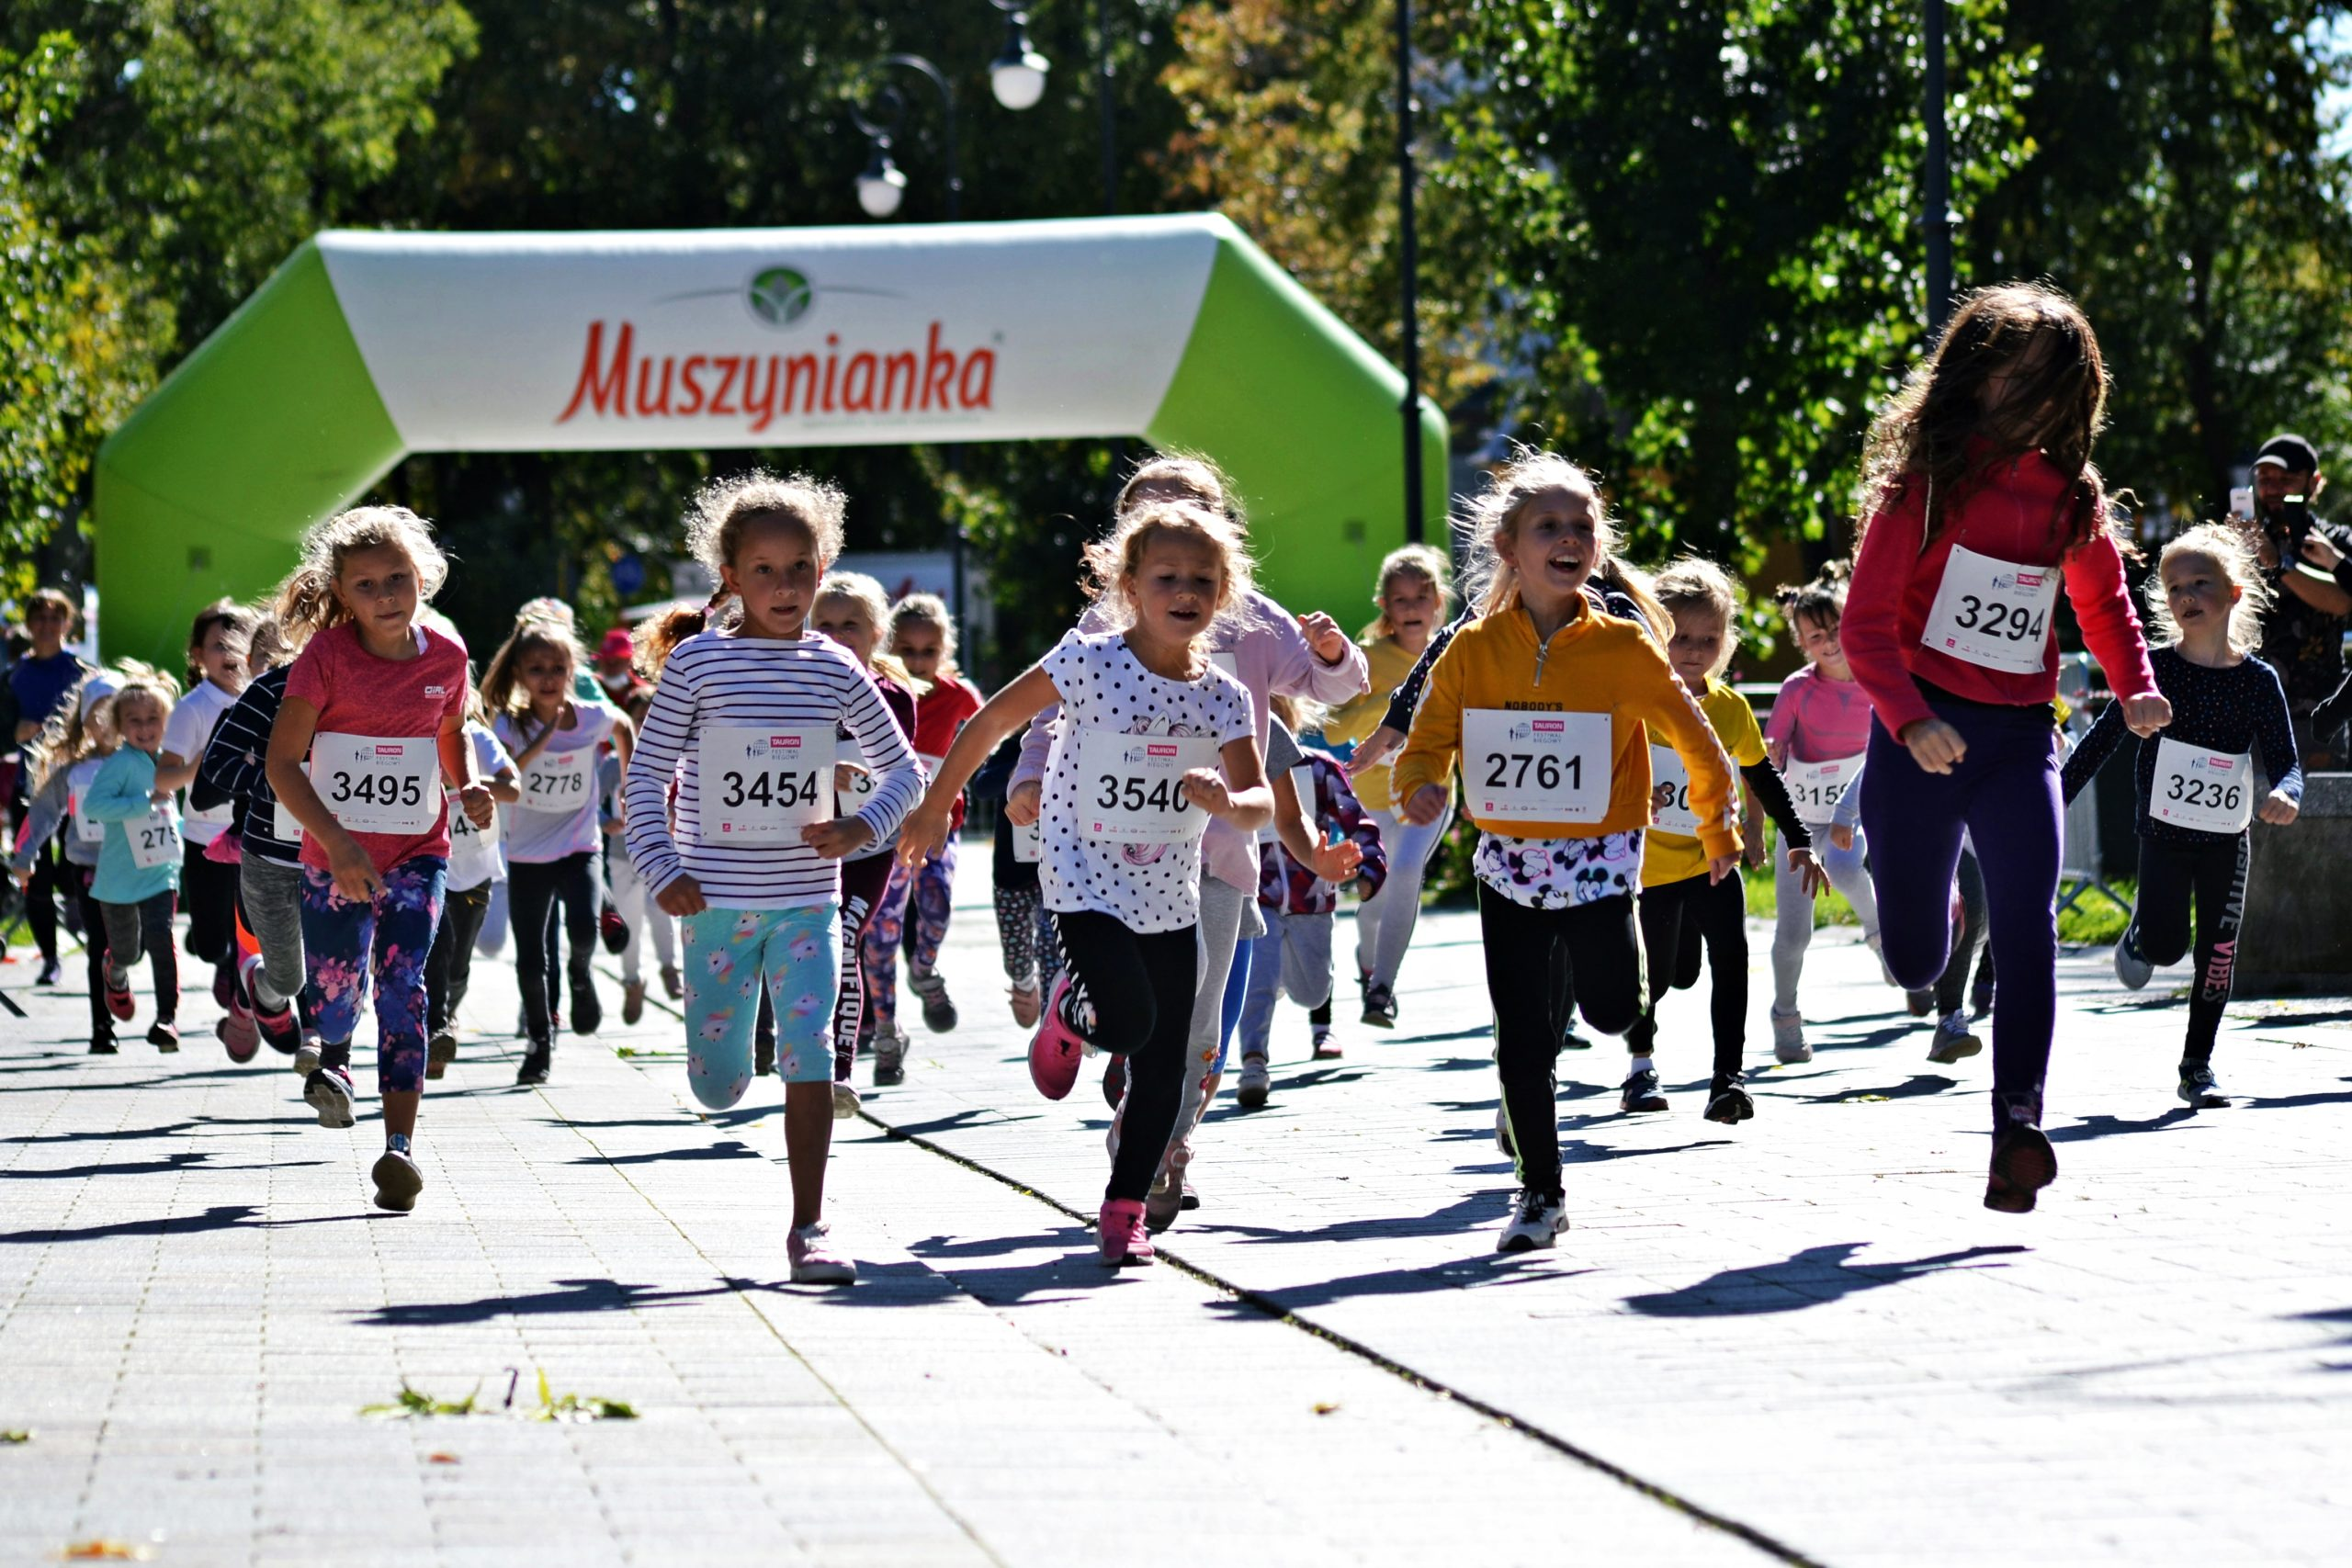 Strefa Ekoludków Festiwalu Biegowego powstanie w Miasteczku Biegowym